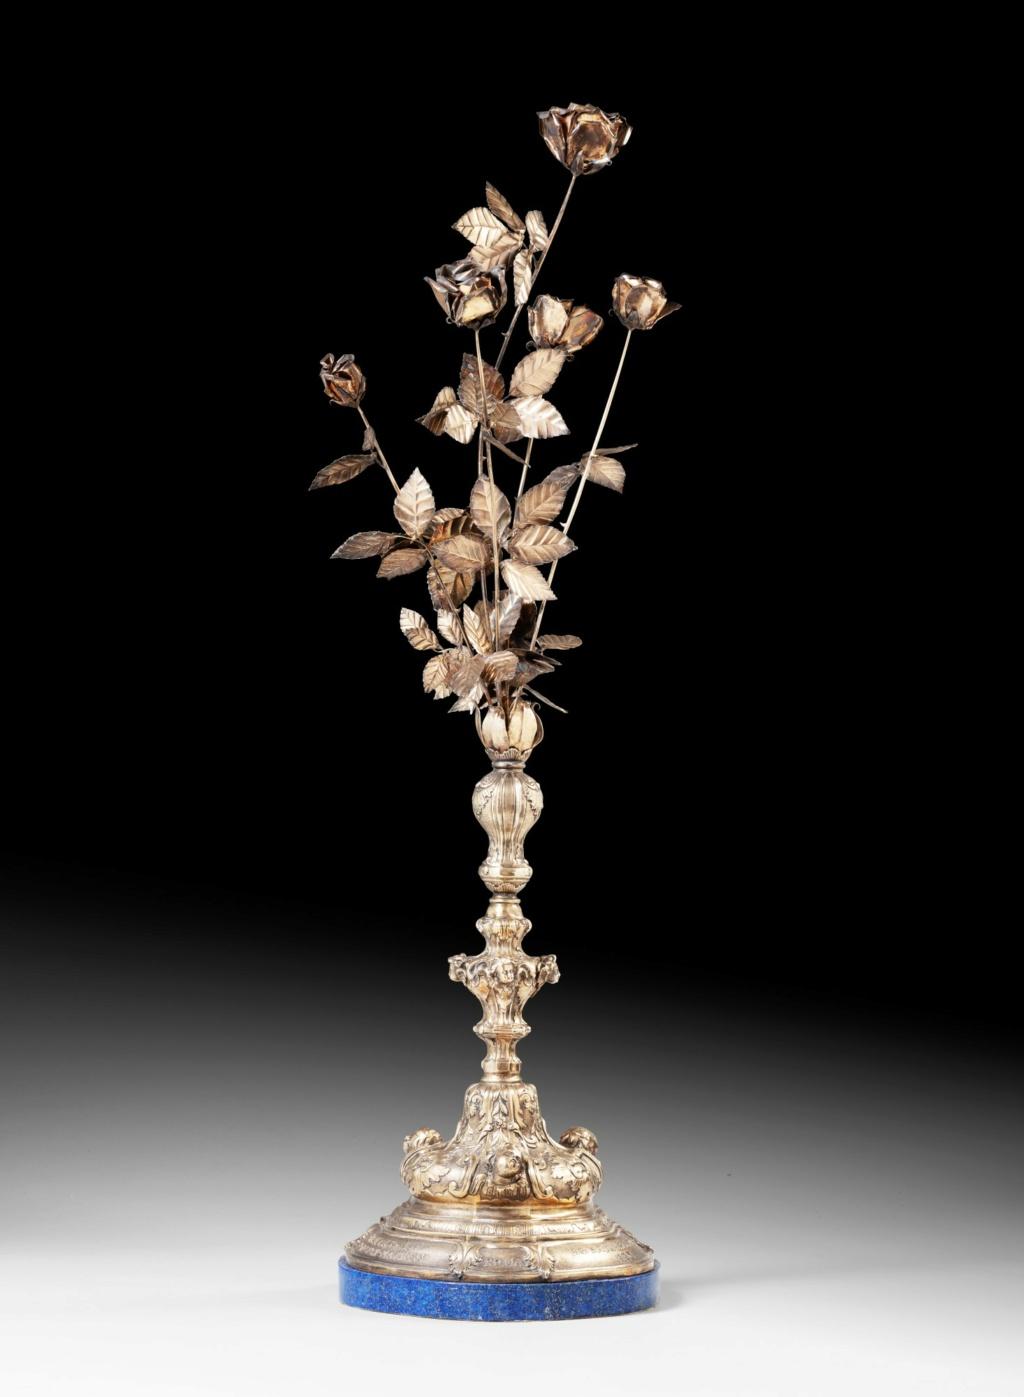 Les Roses d'or ou Roses bénites. L'exemplaire offert par le pape Clément XIV à la reine Marie-Caroline de Naples Pf214113